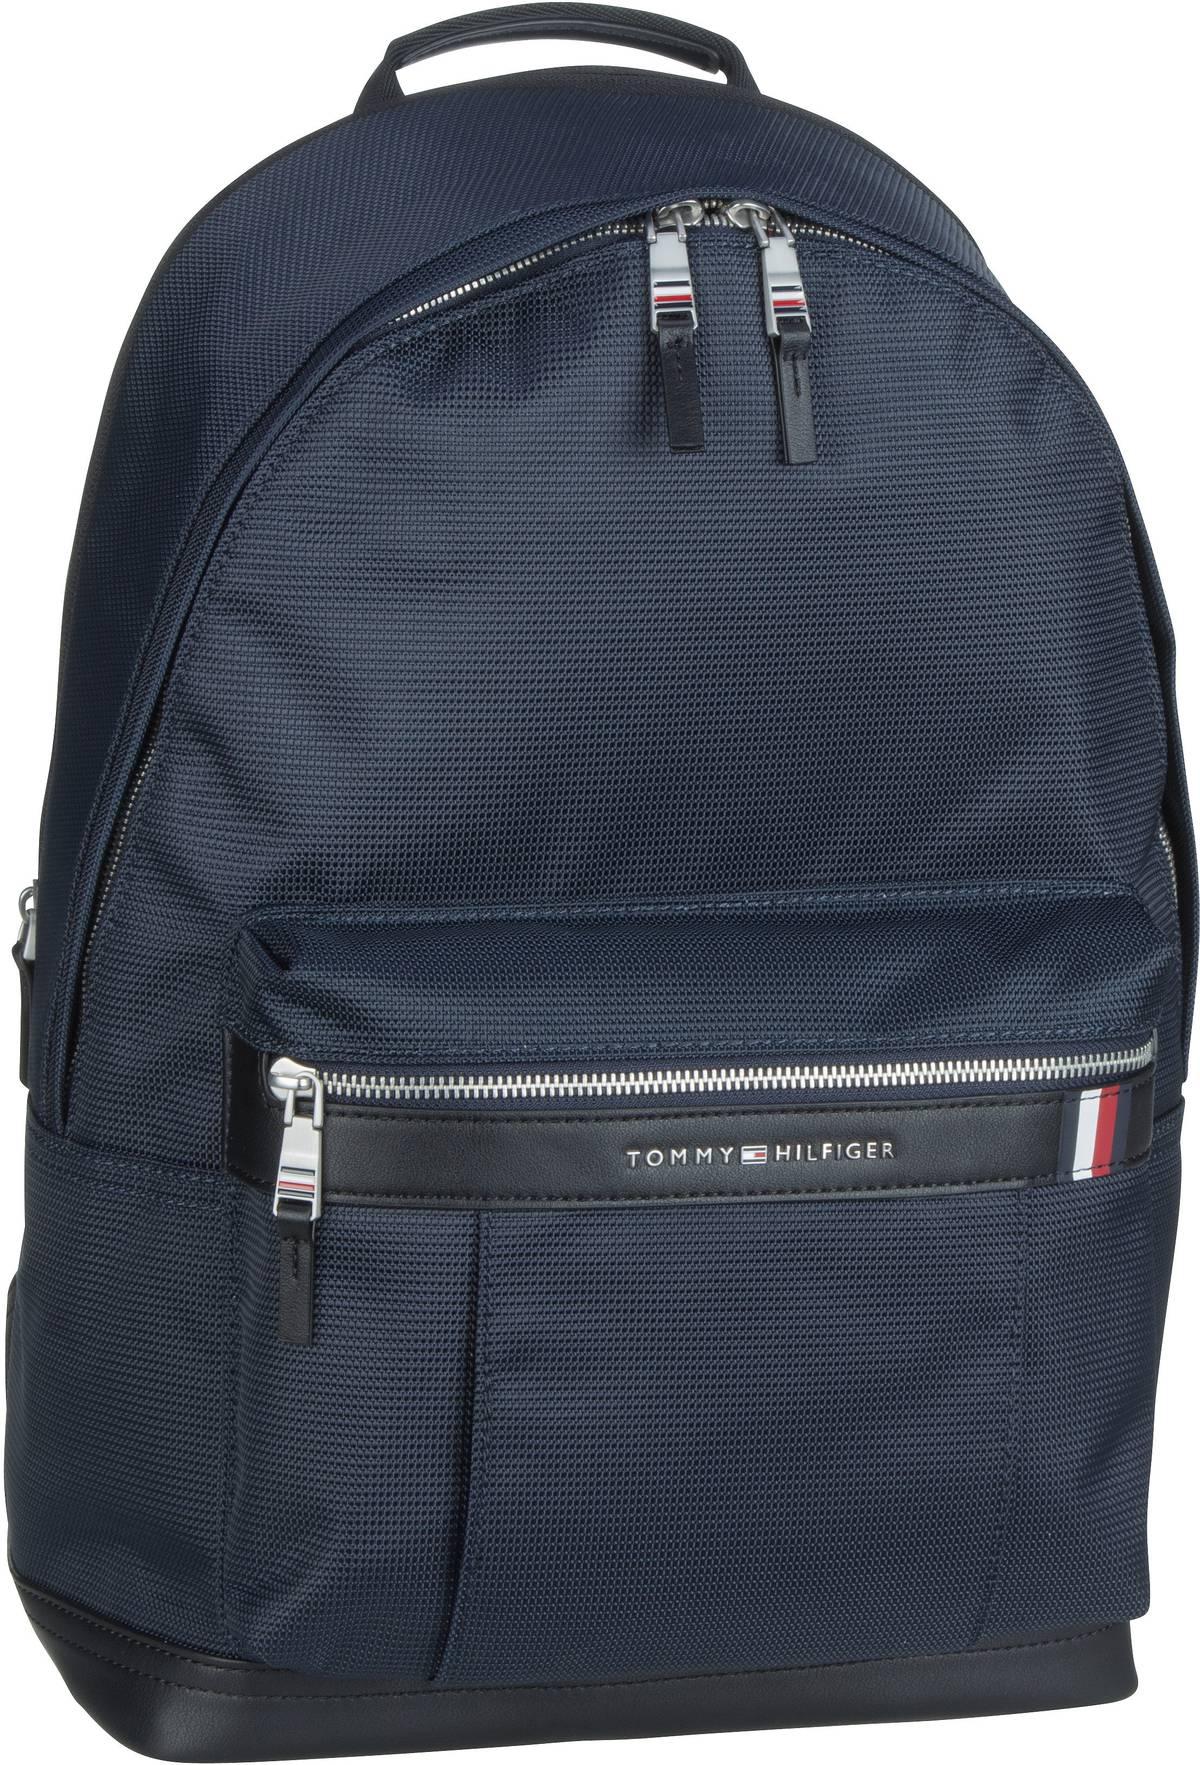 Rucksack / Daypack Elevated Nylon Backpack SP20 Sky Captain